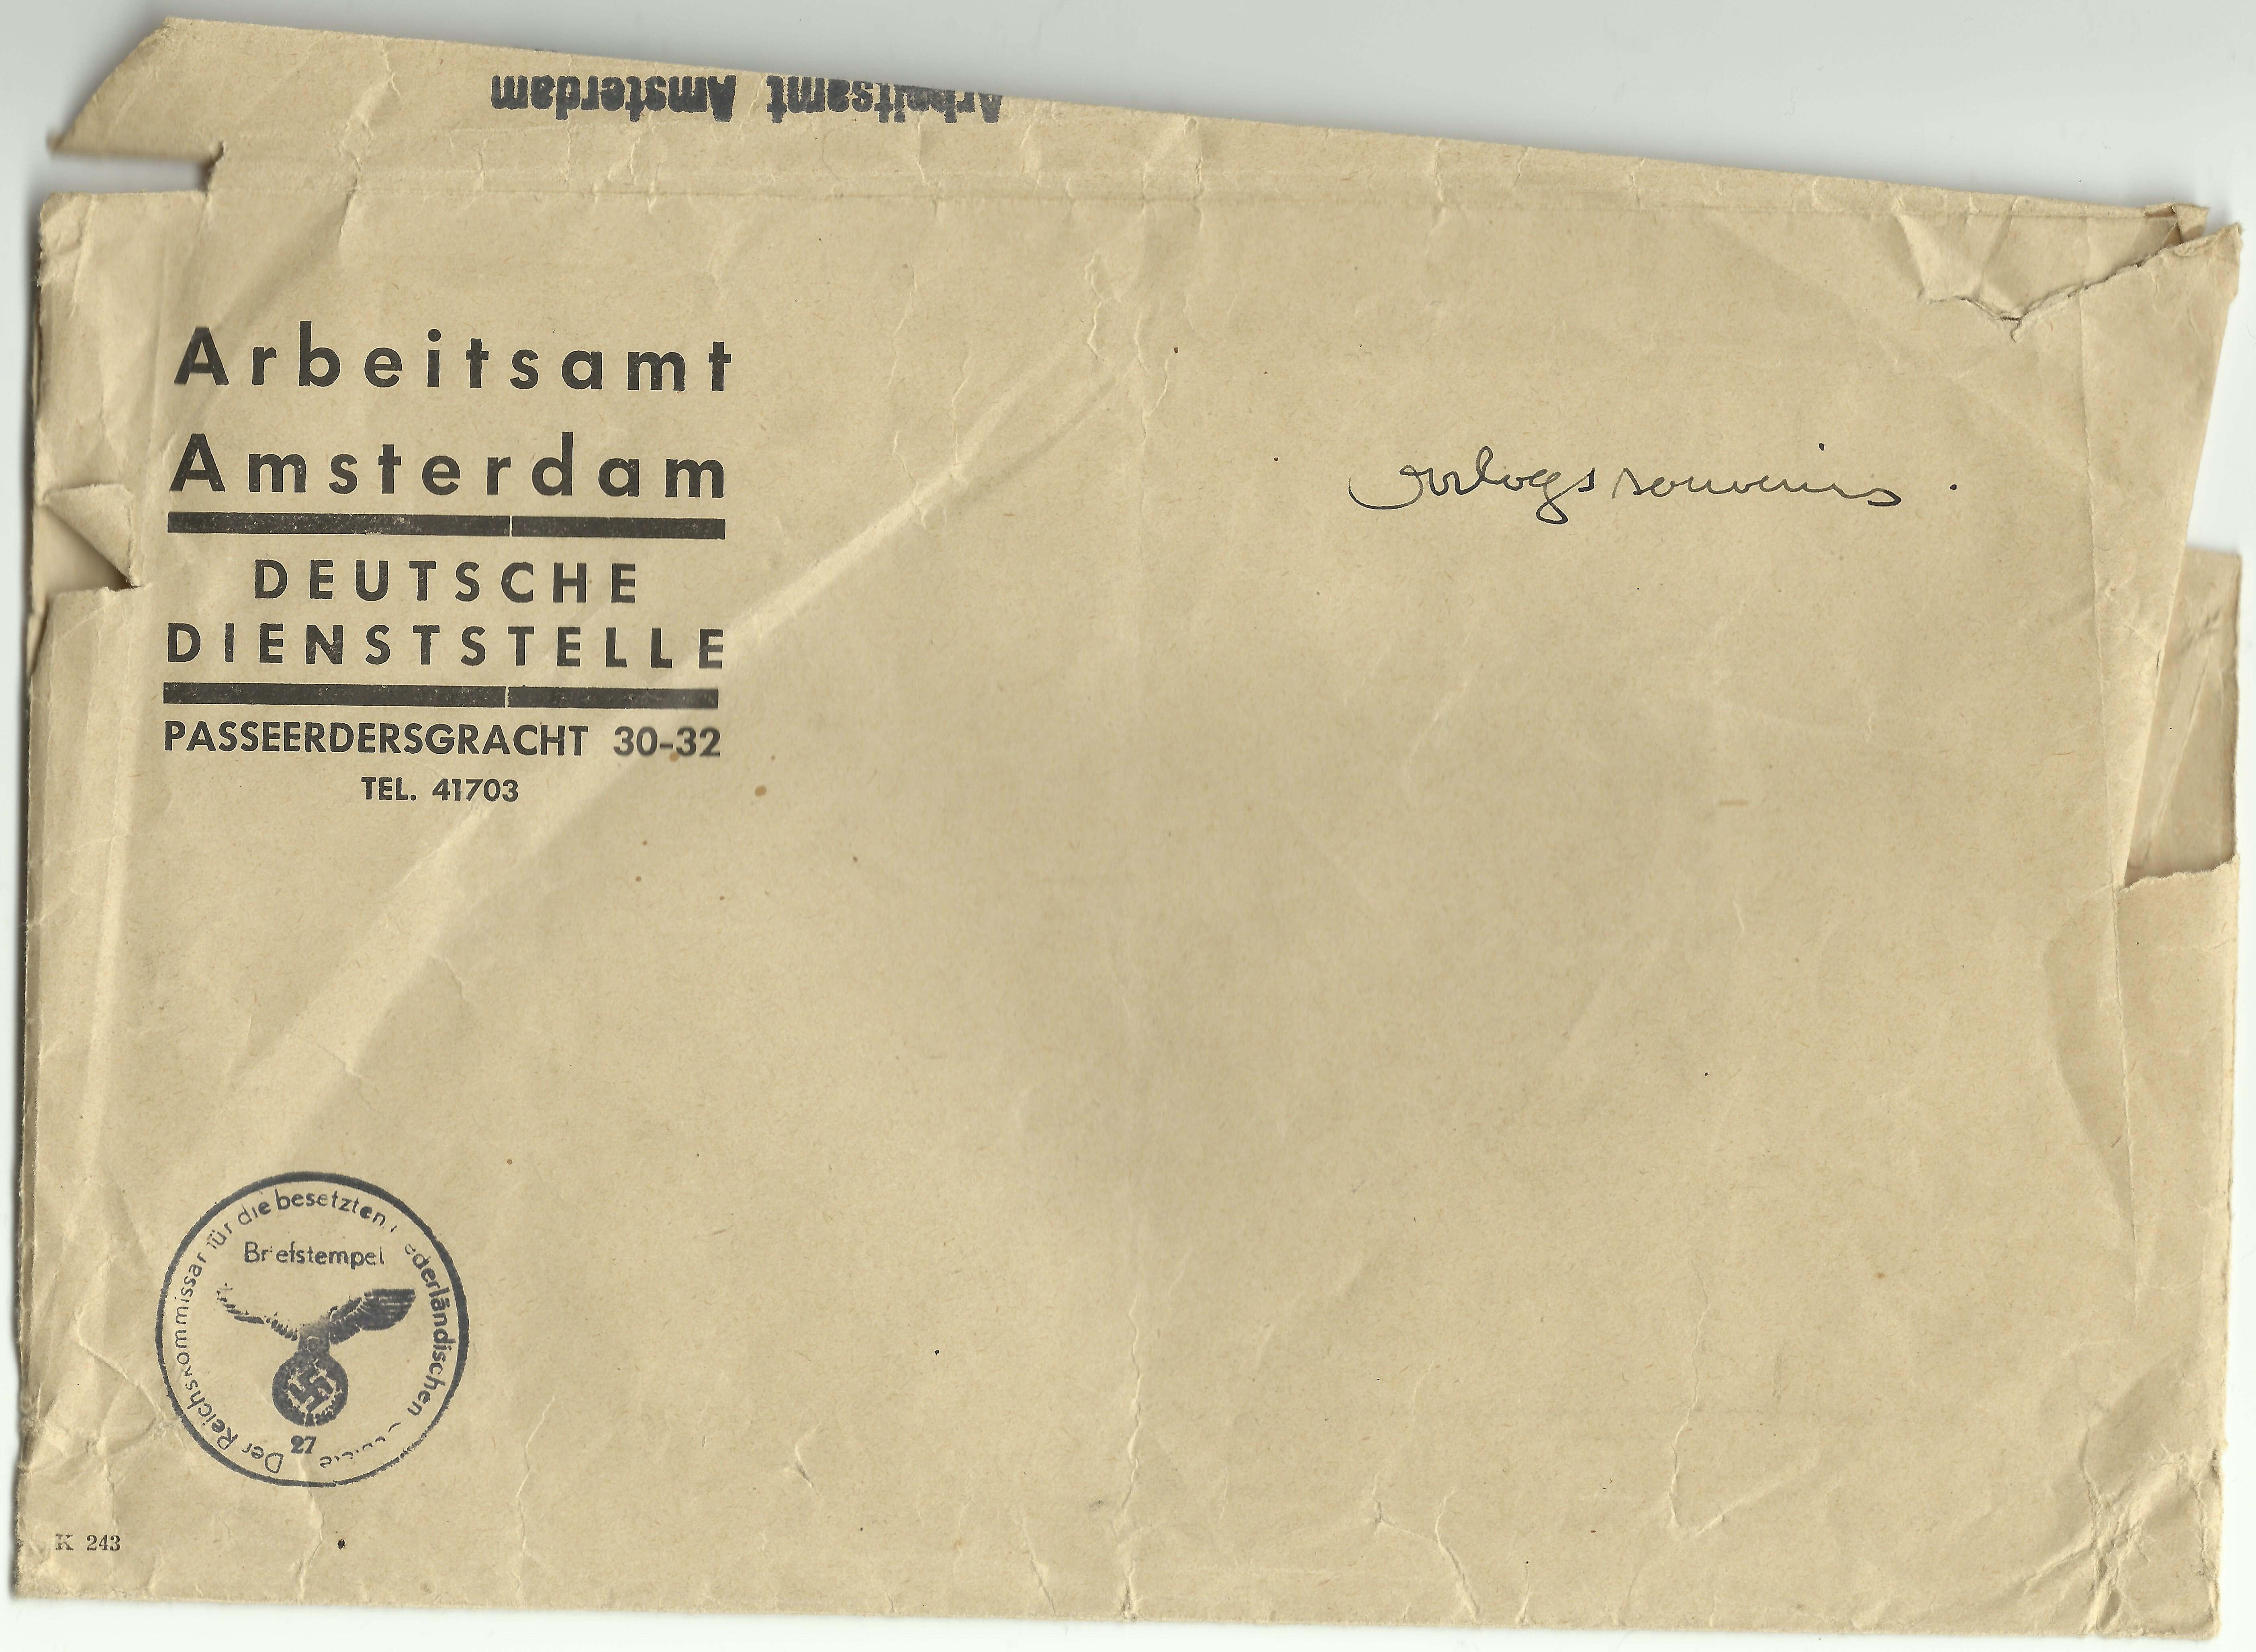 Duitse Arbeitsamt envelop uit de tweede wereldoorlog wo2 verzameling Amsterdam